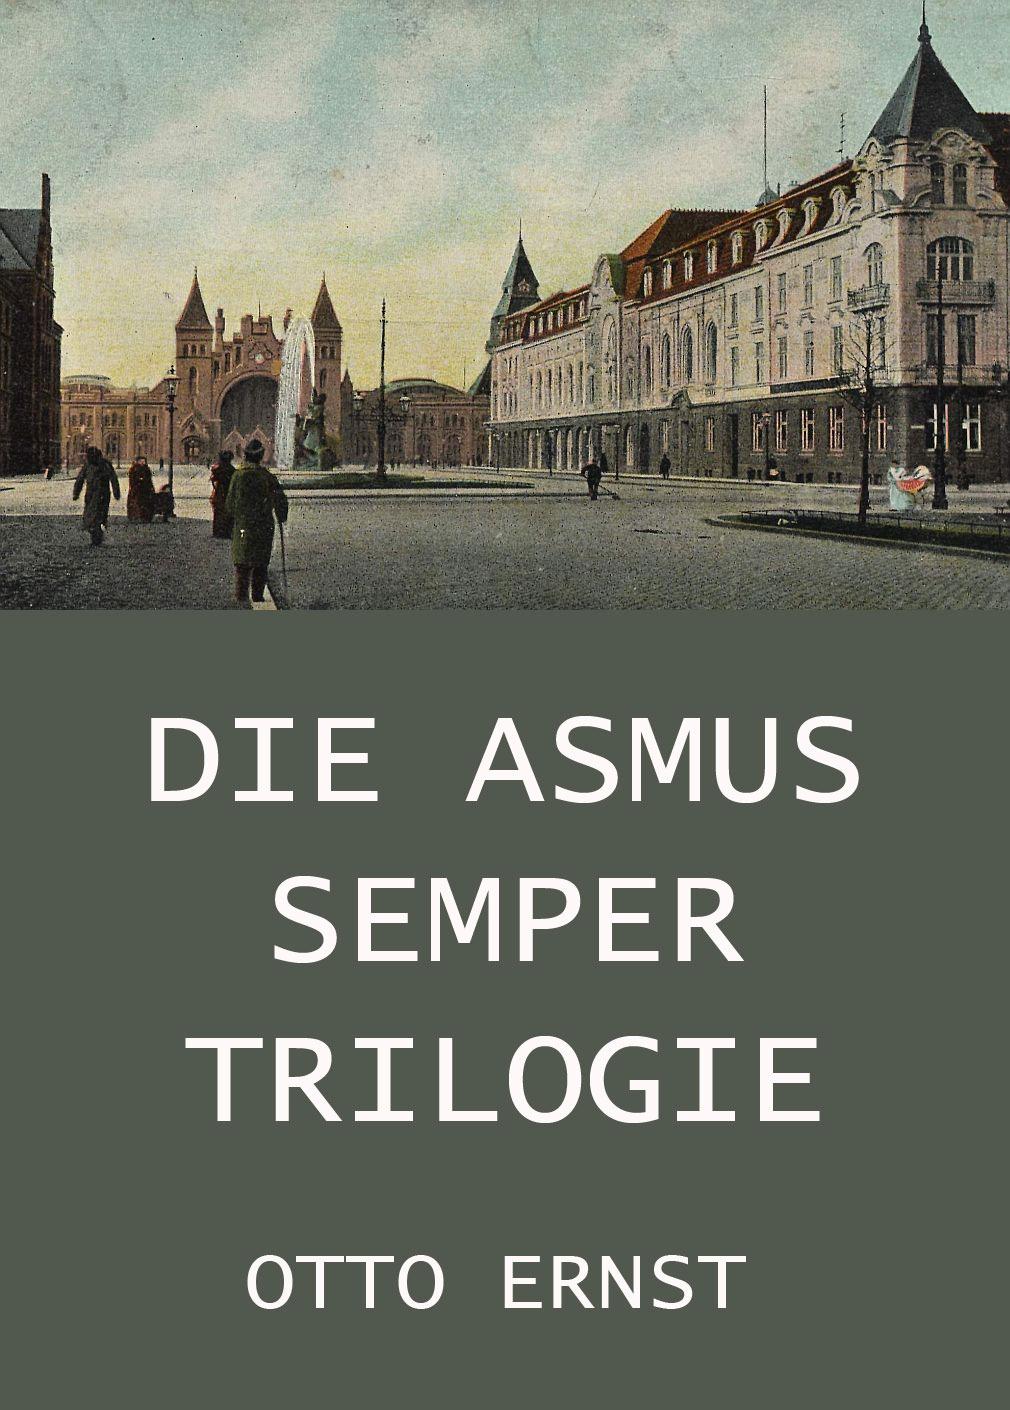 Otto Ernst Die Asmus Semper Trilogie otto ernst humoristische plaudereien